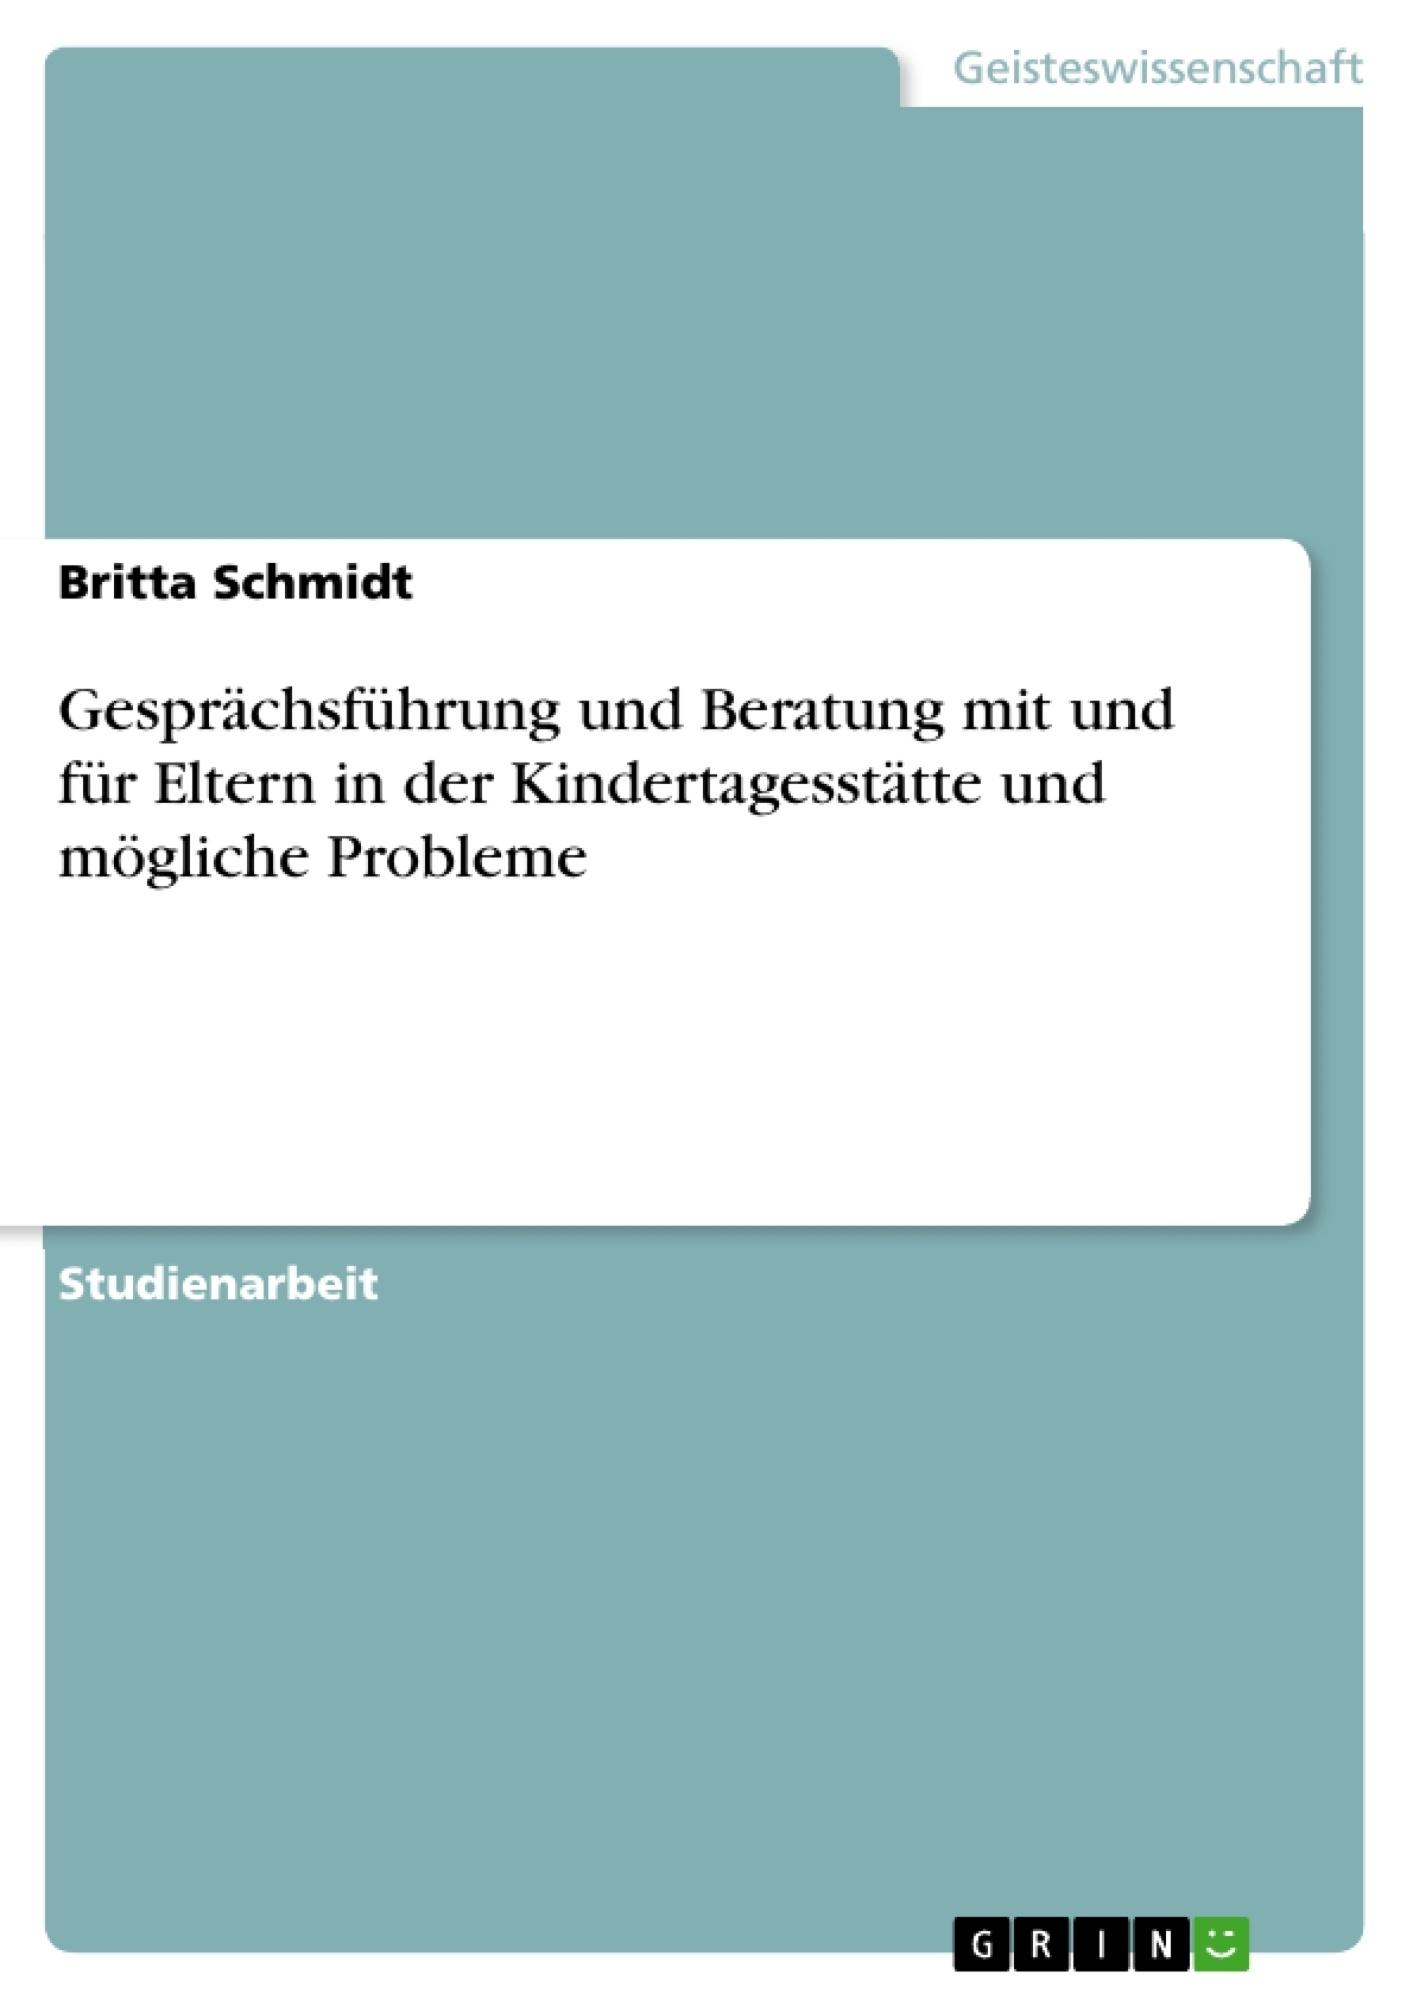 Titel: Gesprächsführung und Beratung mit und für Eltern in der Kindertagesstätte und mögliche Probleme